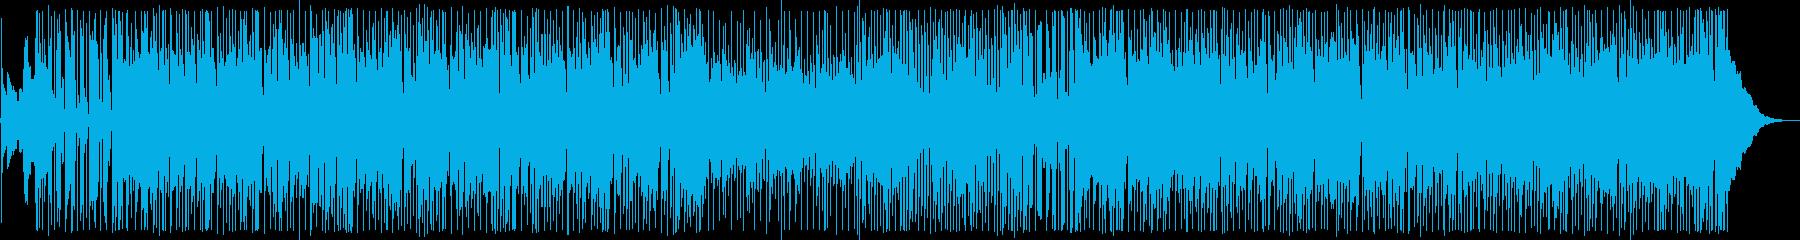 爽やか生アコギに爽快なバンドサウンドの再生済みの波形